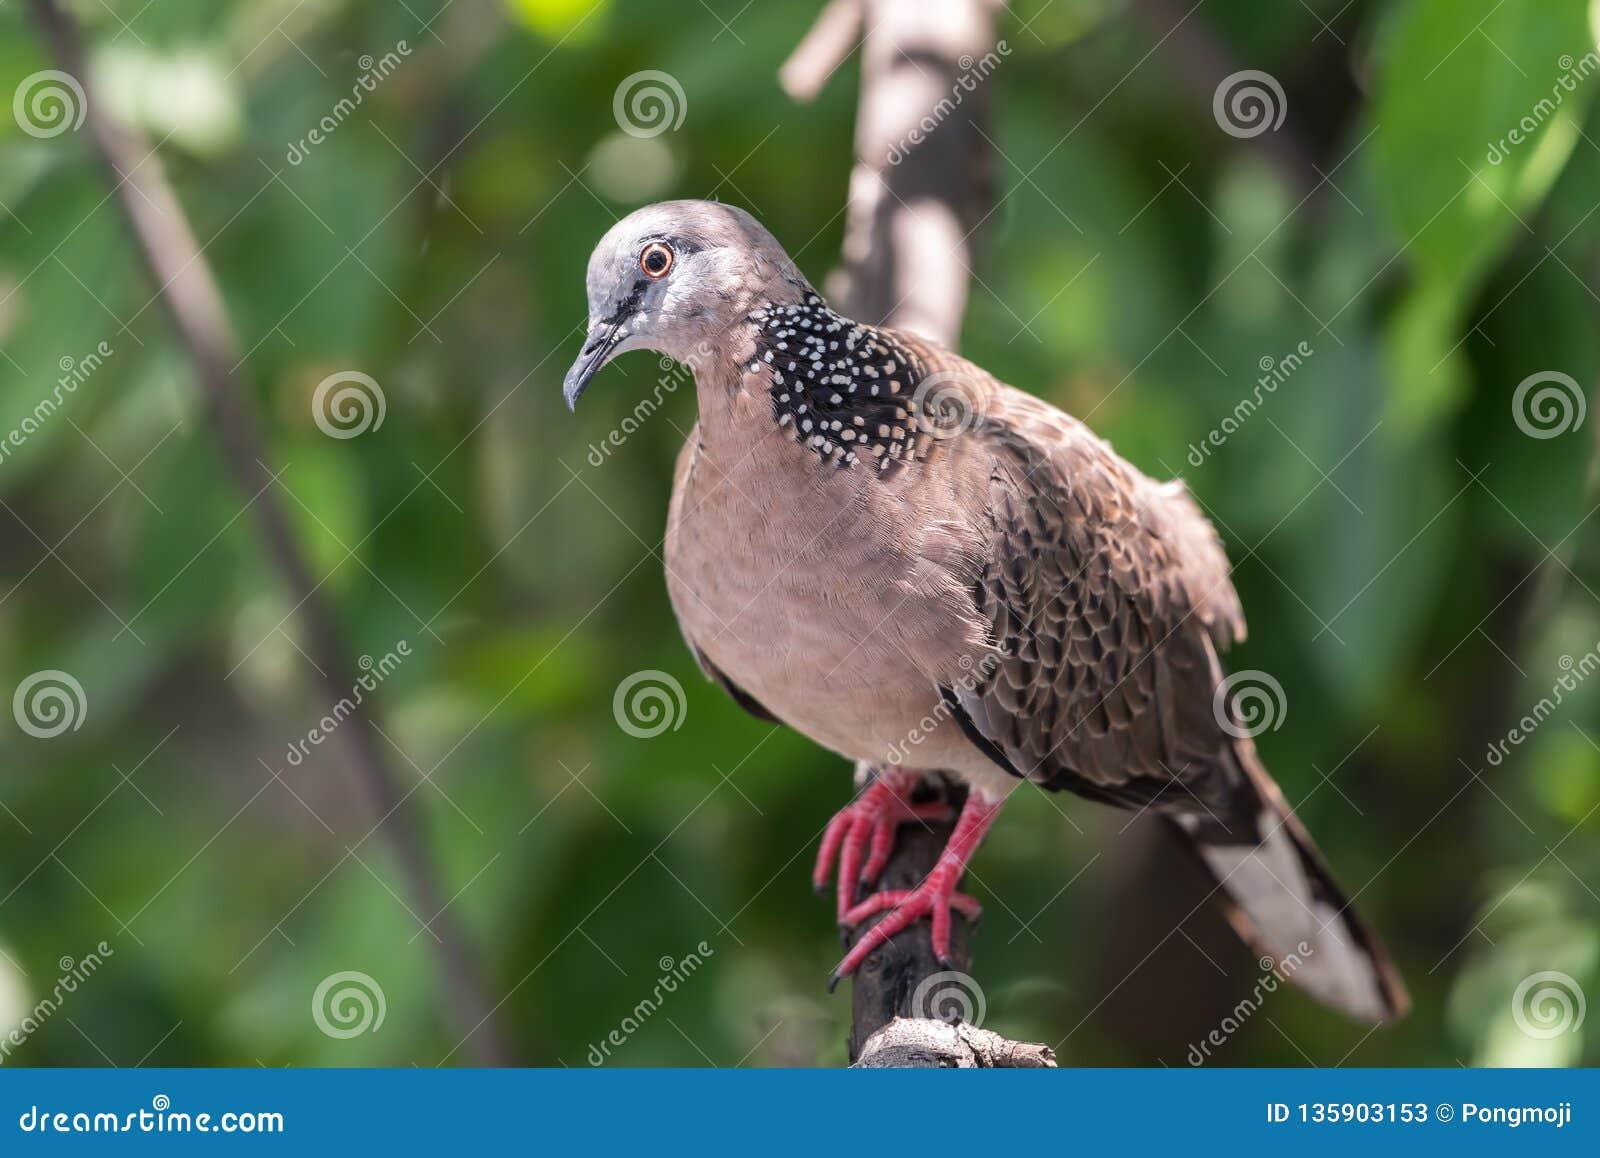 Птица (голубь, голубь или Disambiguation) в природе